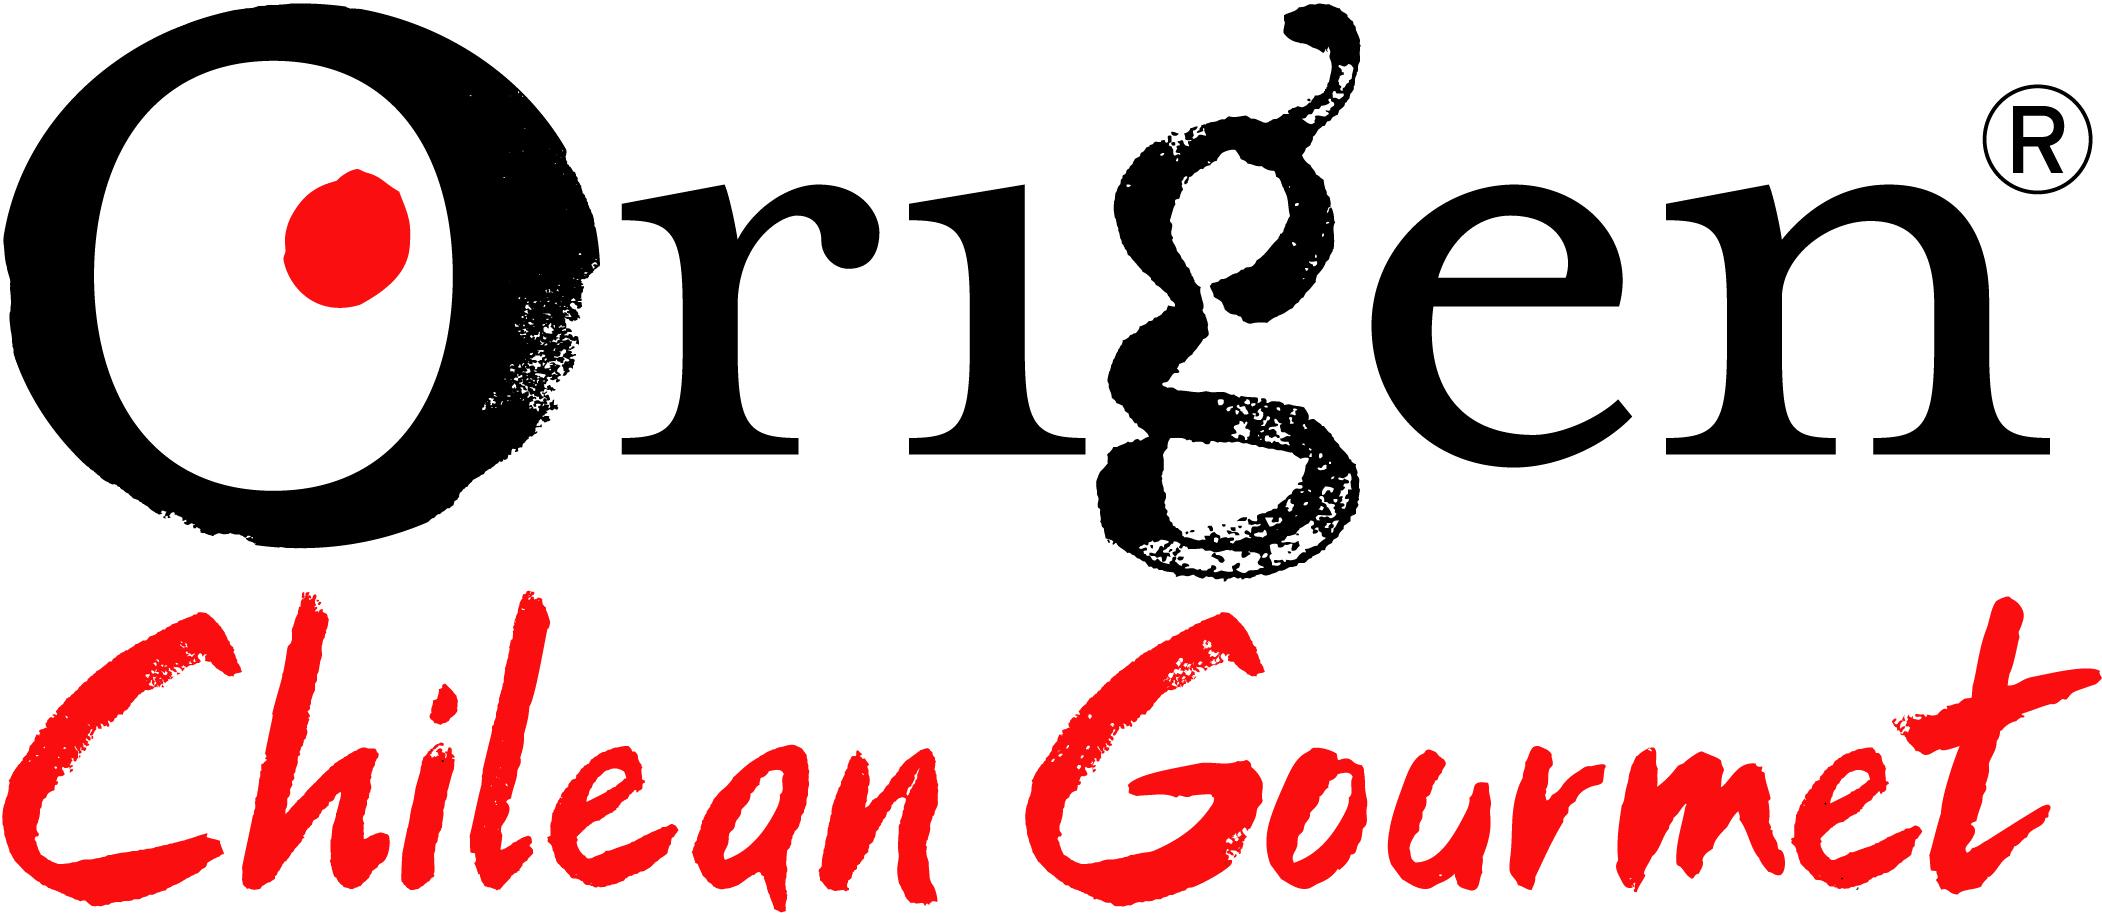 Origen Gourmet